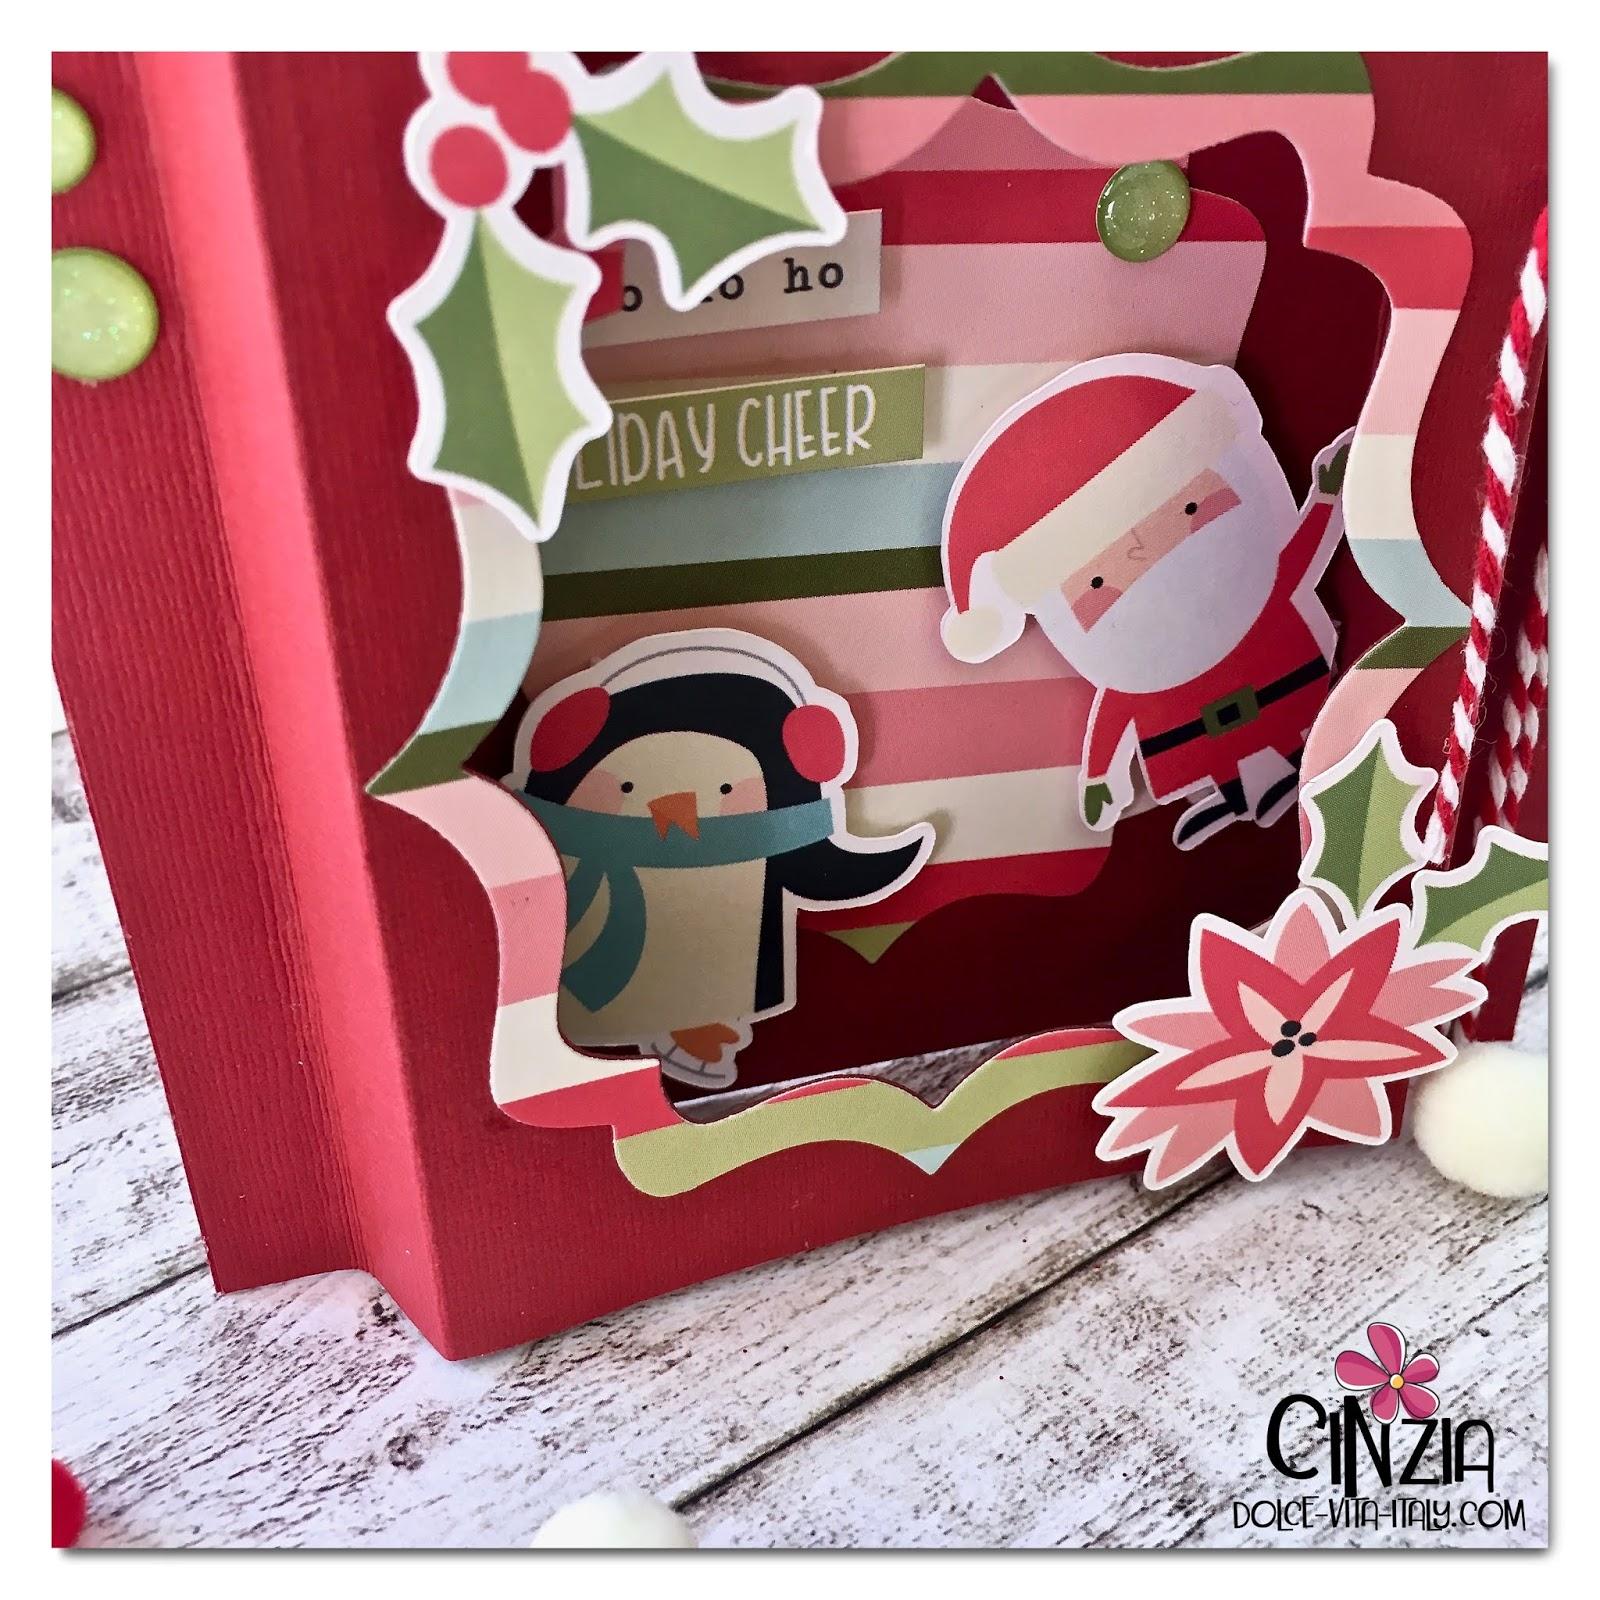 Auguri Di Buon Natale Per Una Persona Speciale.Dolce Vita Italy Buon Natale Con Una Frame Card